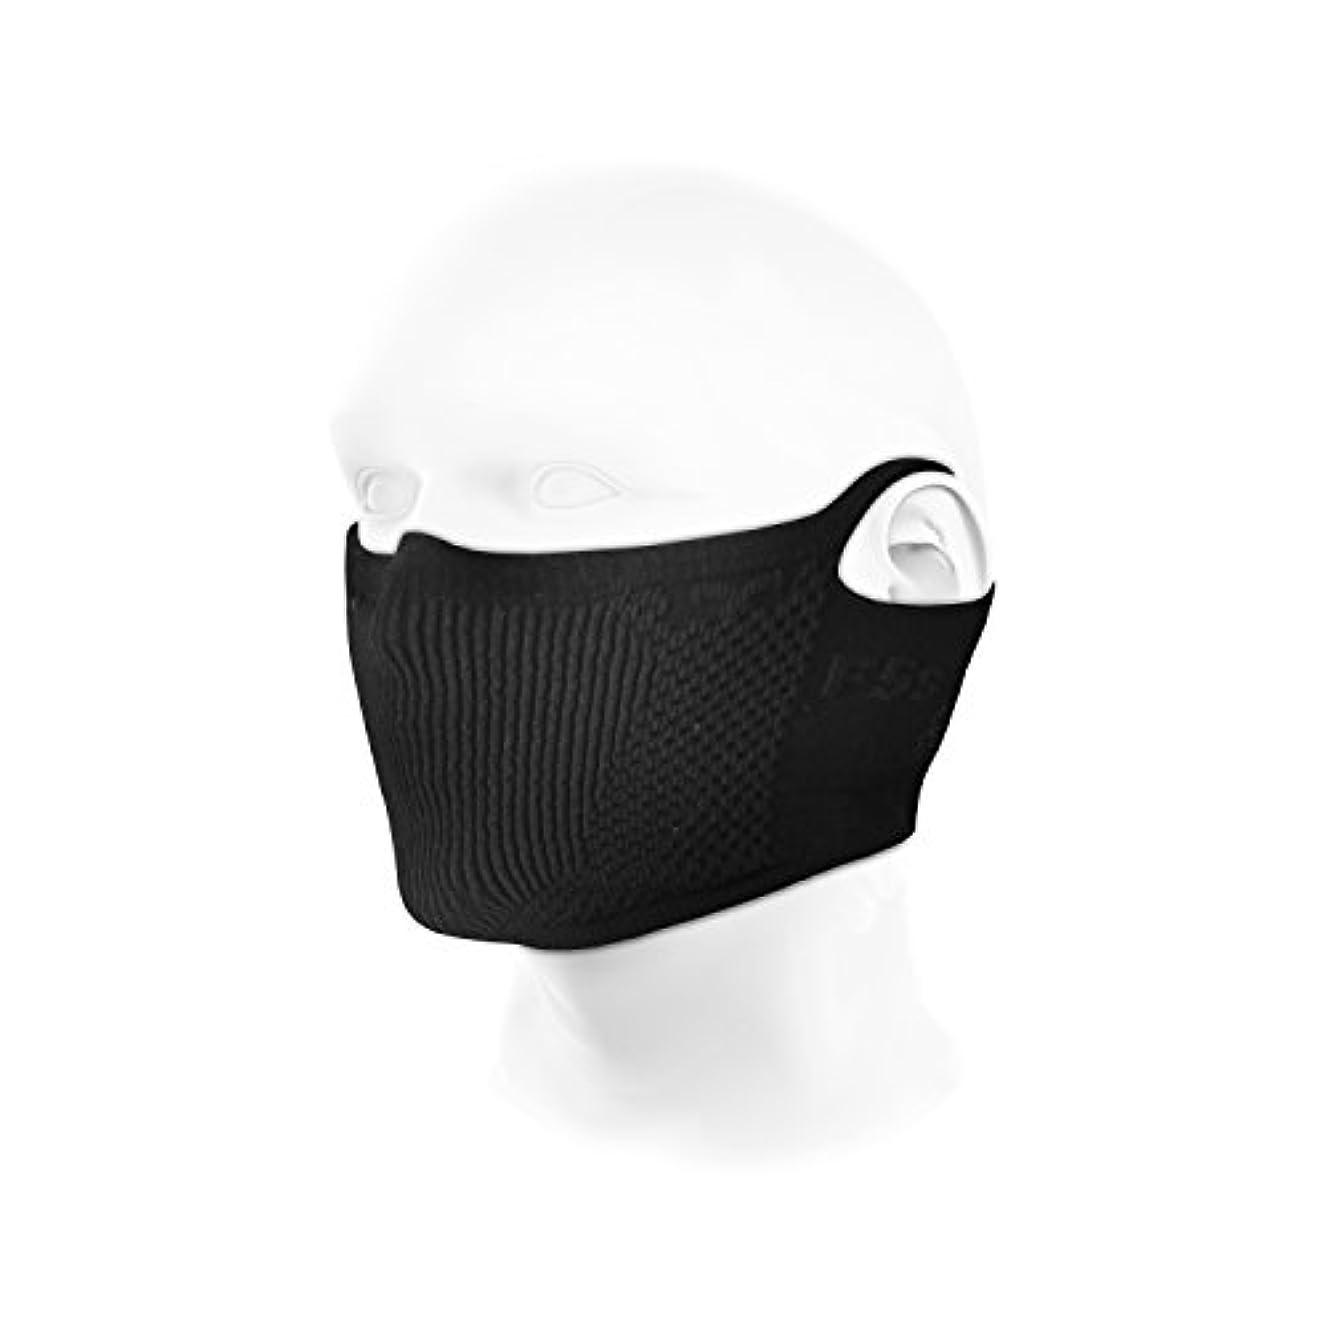 耳無関心心配するNAROO MASK F5s(ナルーマスク) 花粉対応スポーツ用フェイスマスク